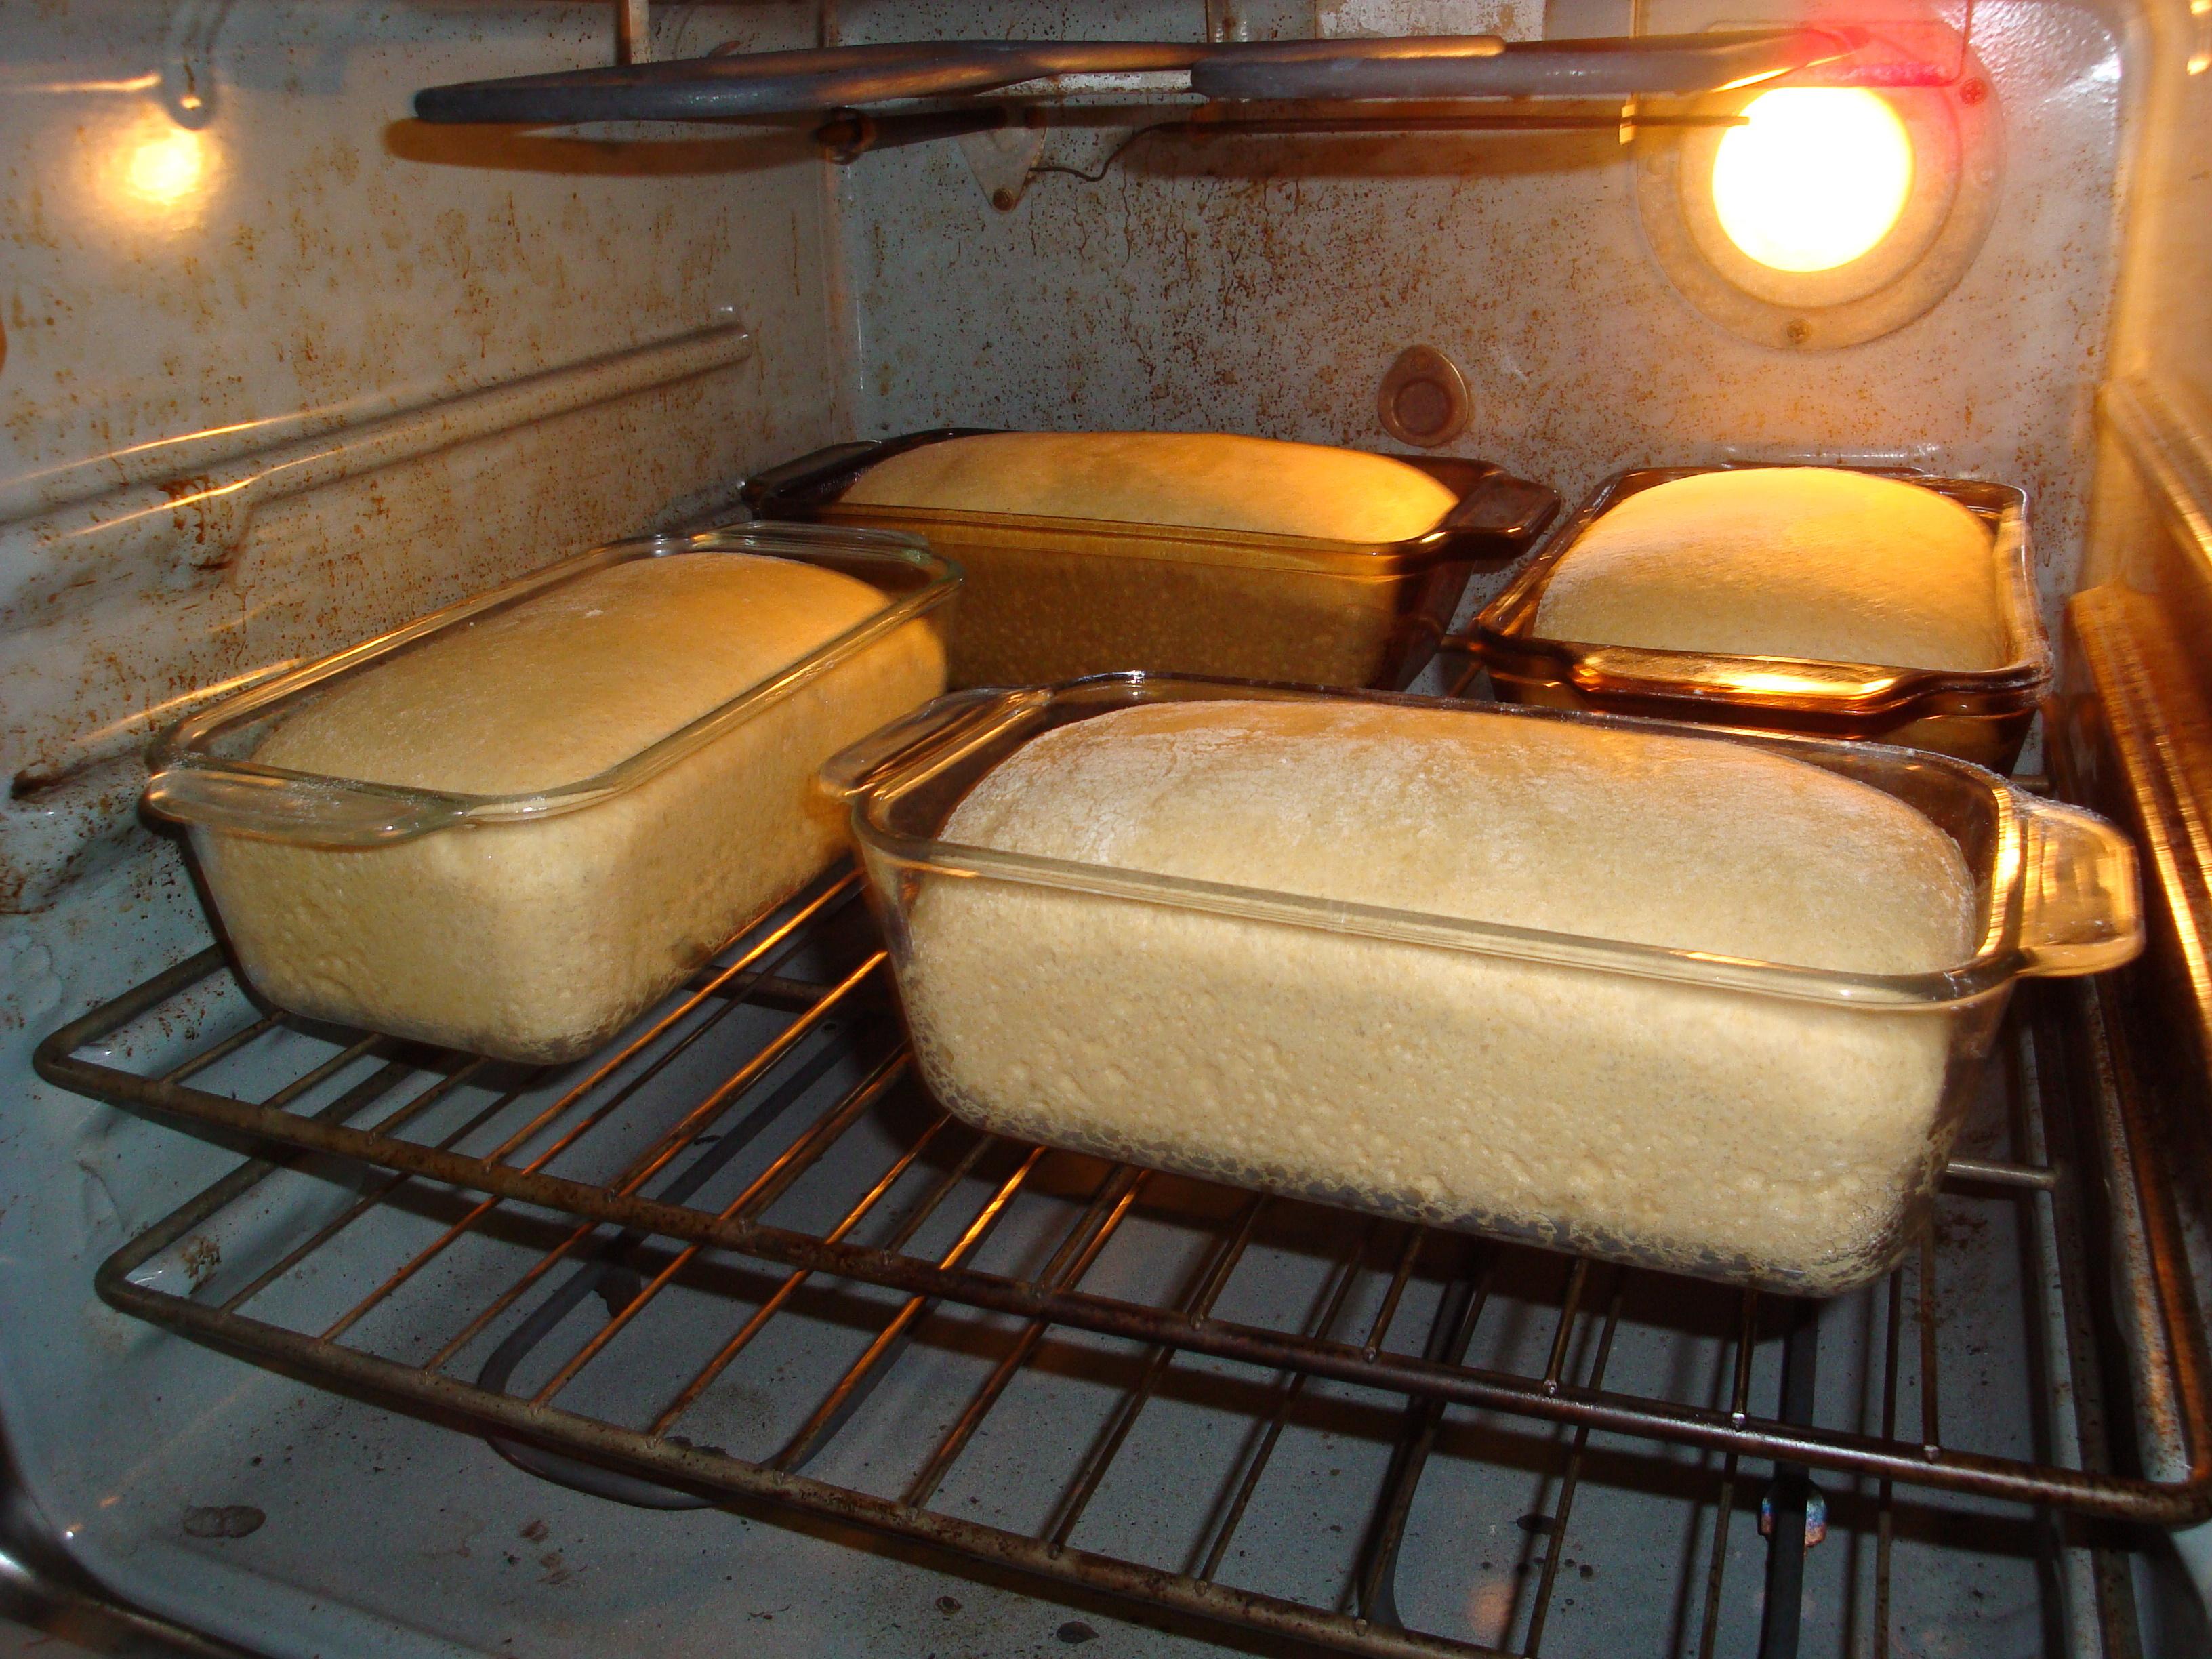 cuocere il pane